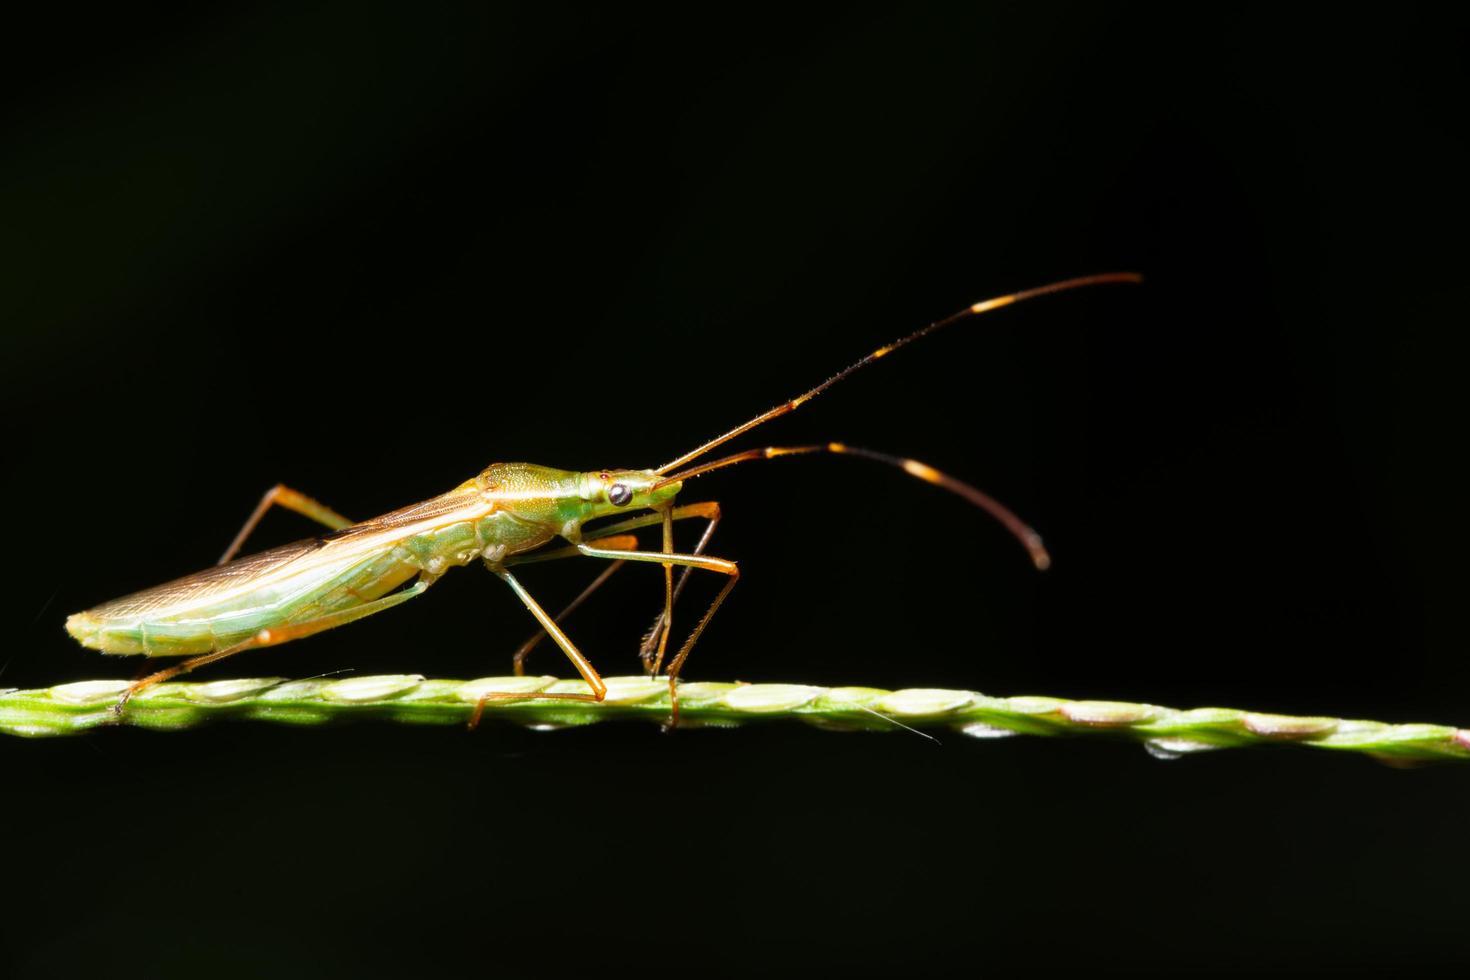 Insekt auf einem Blatt foto